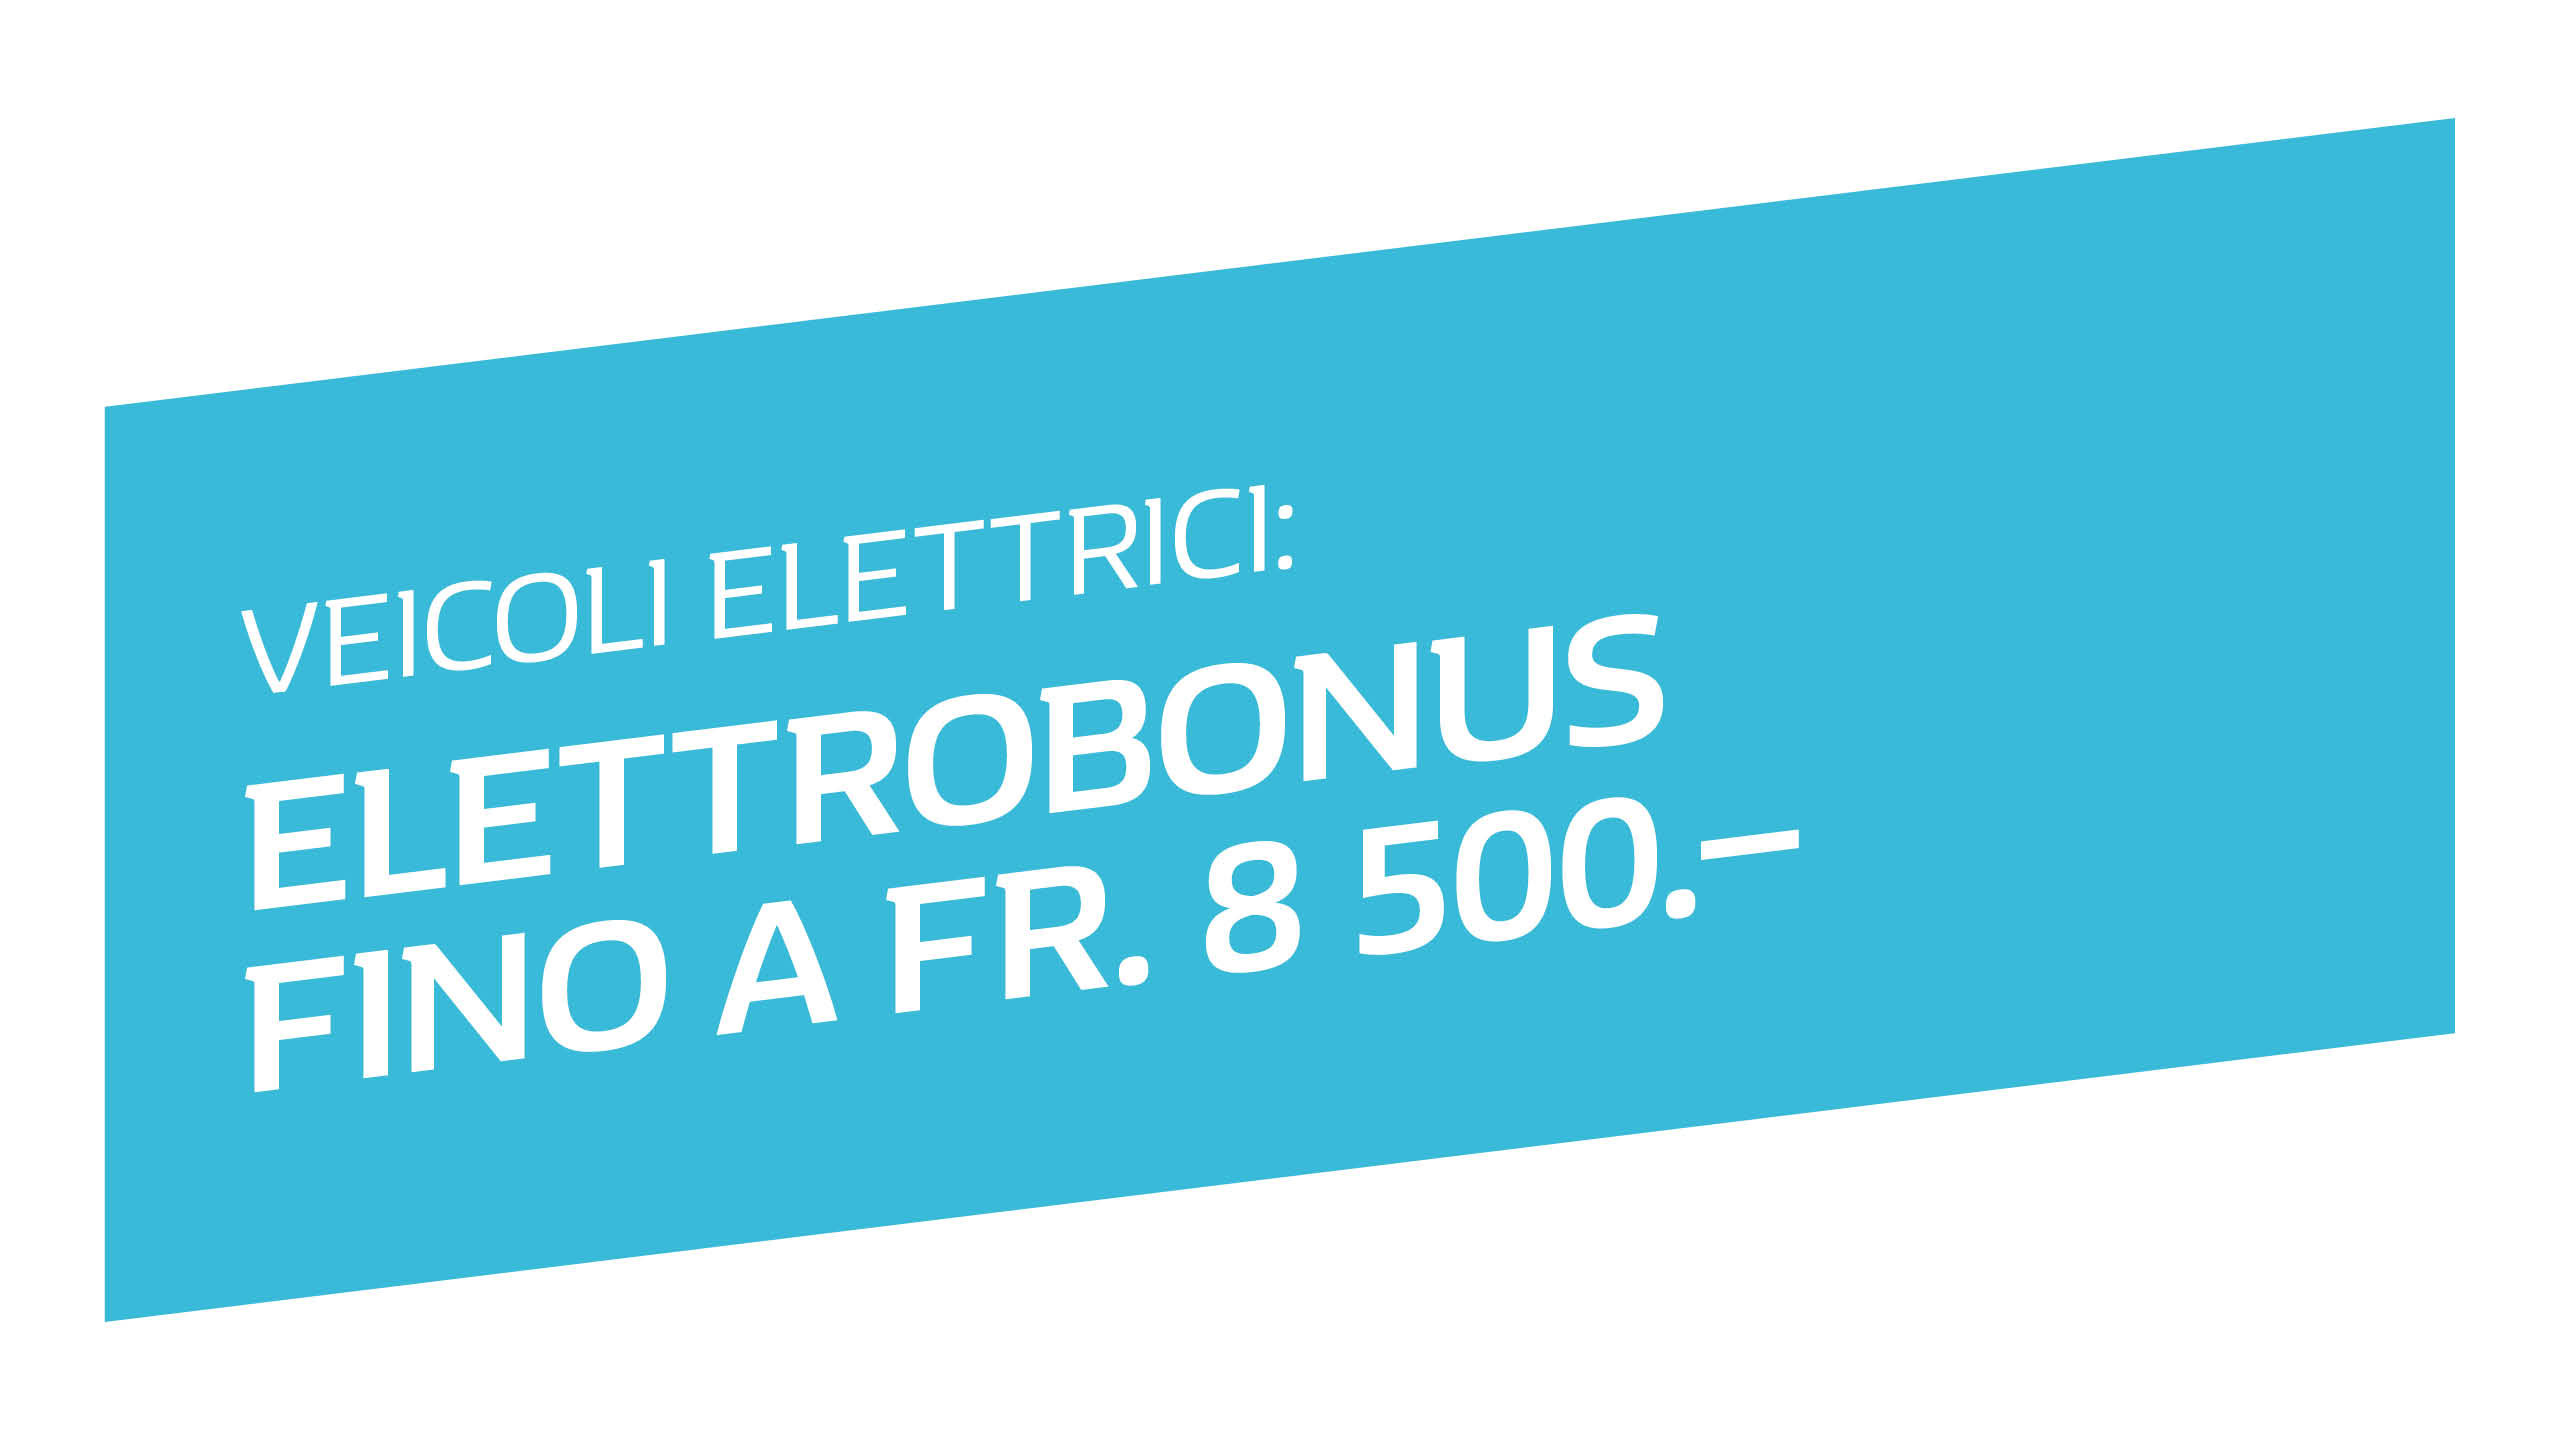 Elettrobonus Renault Elettrica